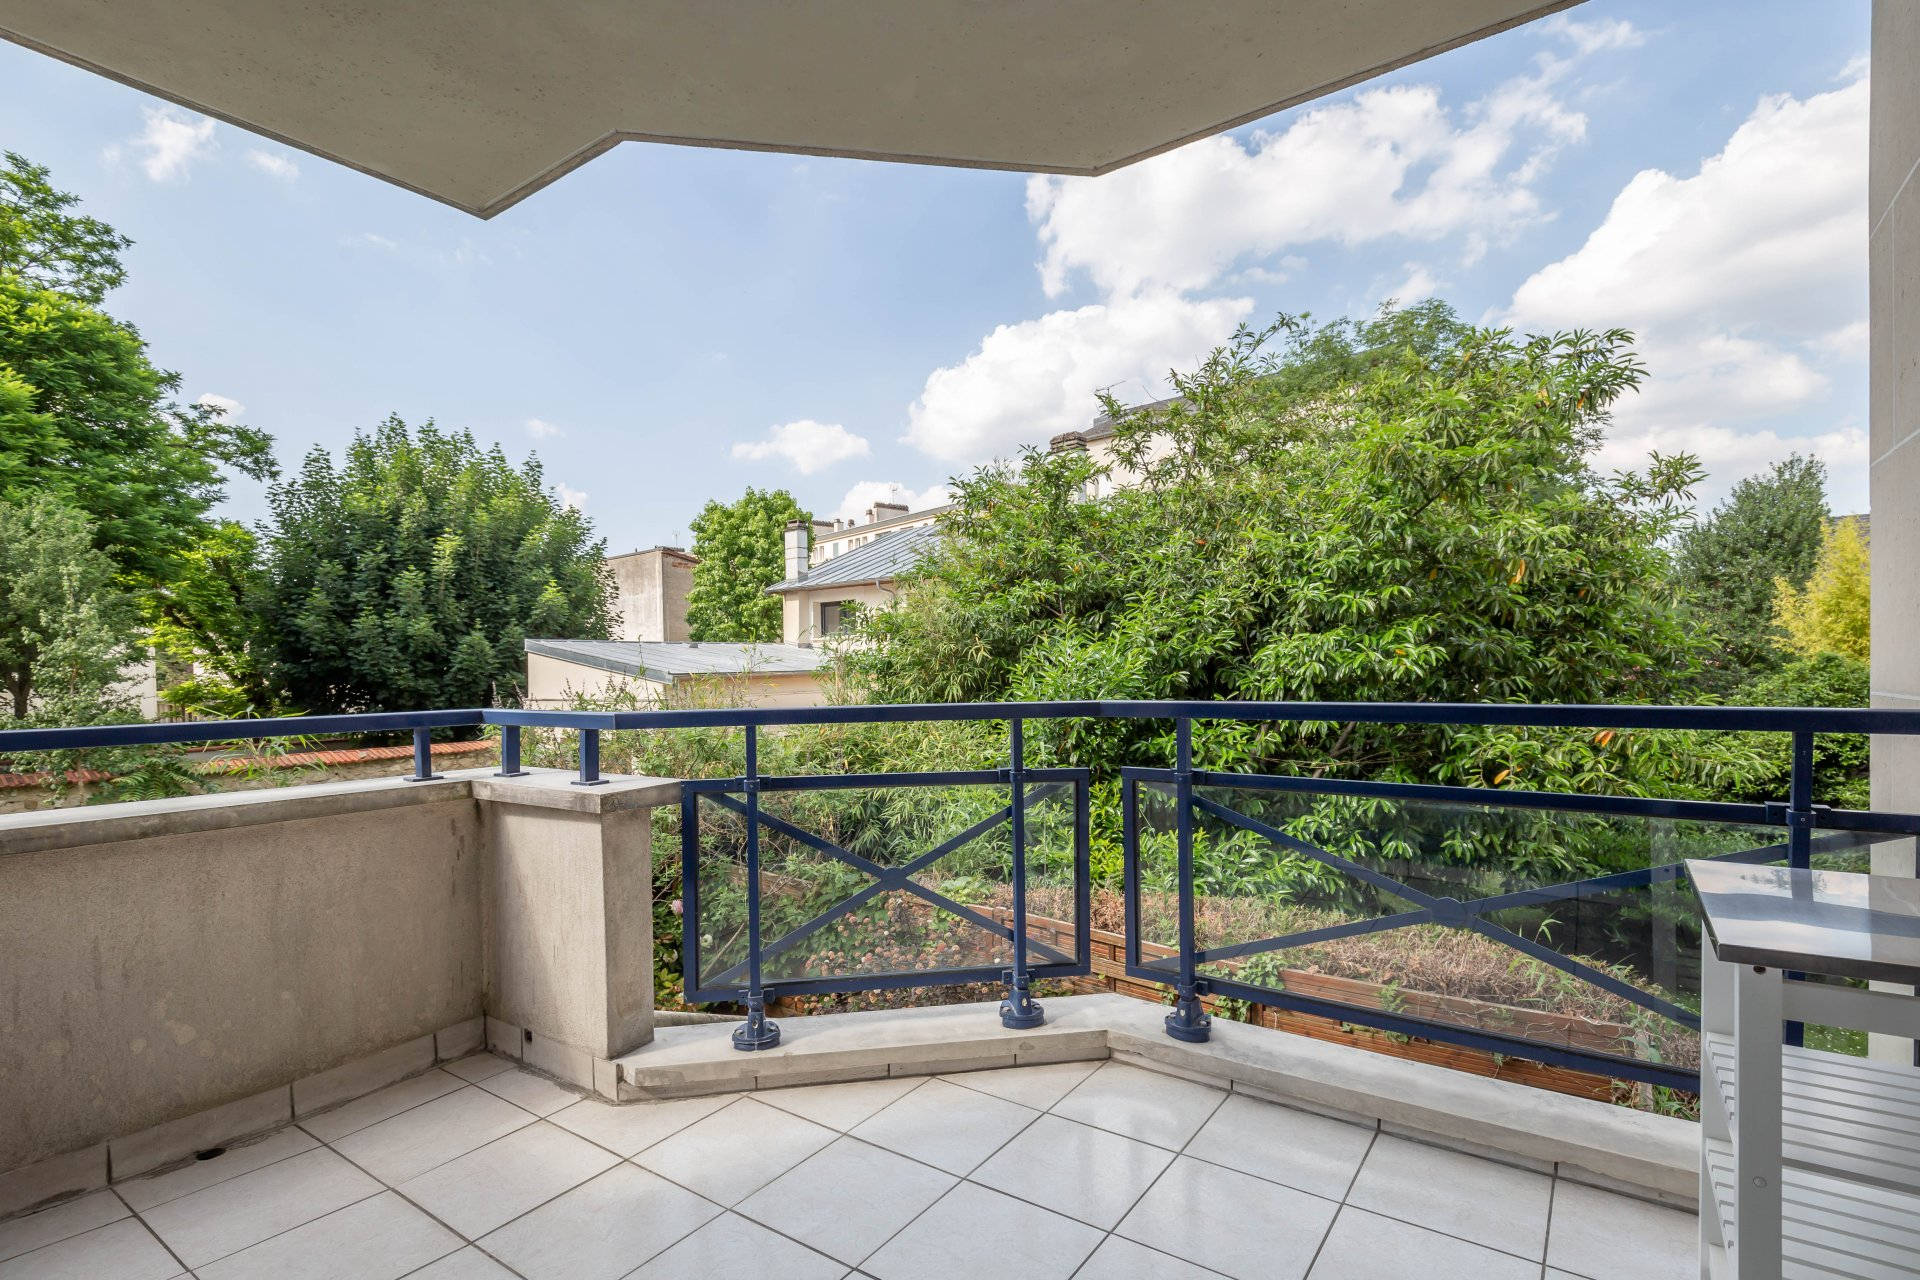 Dans une très belle résidence de 1997, TRES BEL APPARTEMENT 2 Pièces de 49,80 m² avec balcon de 6 m², BOX et CAVE